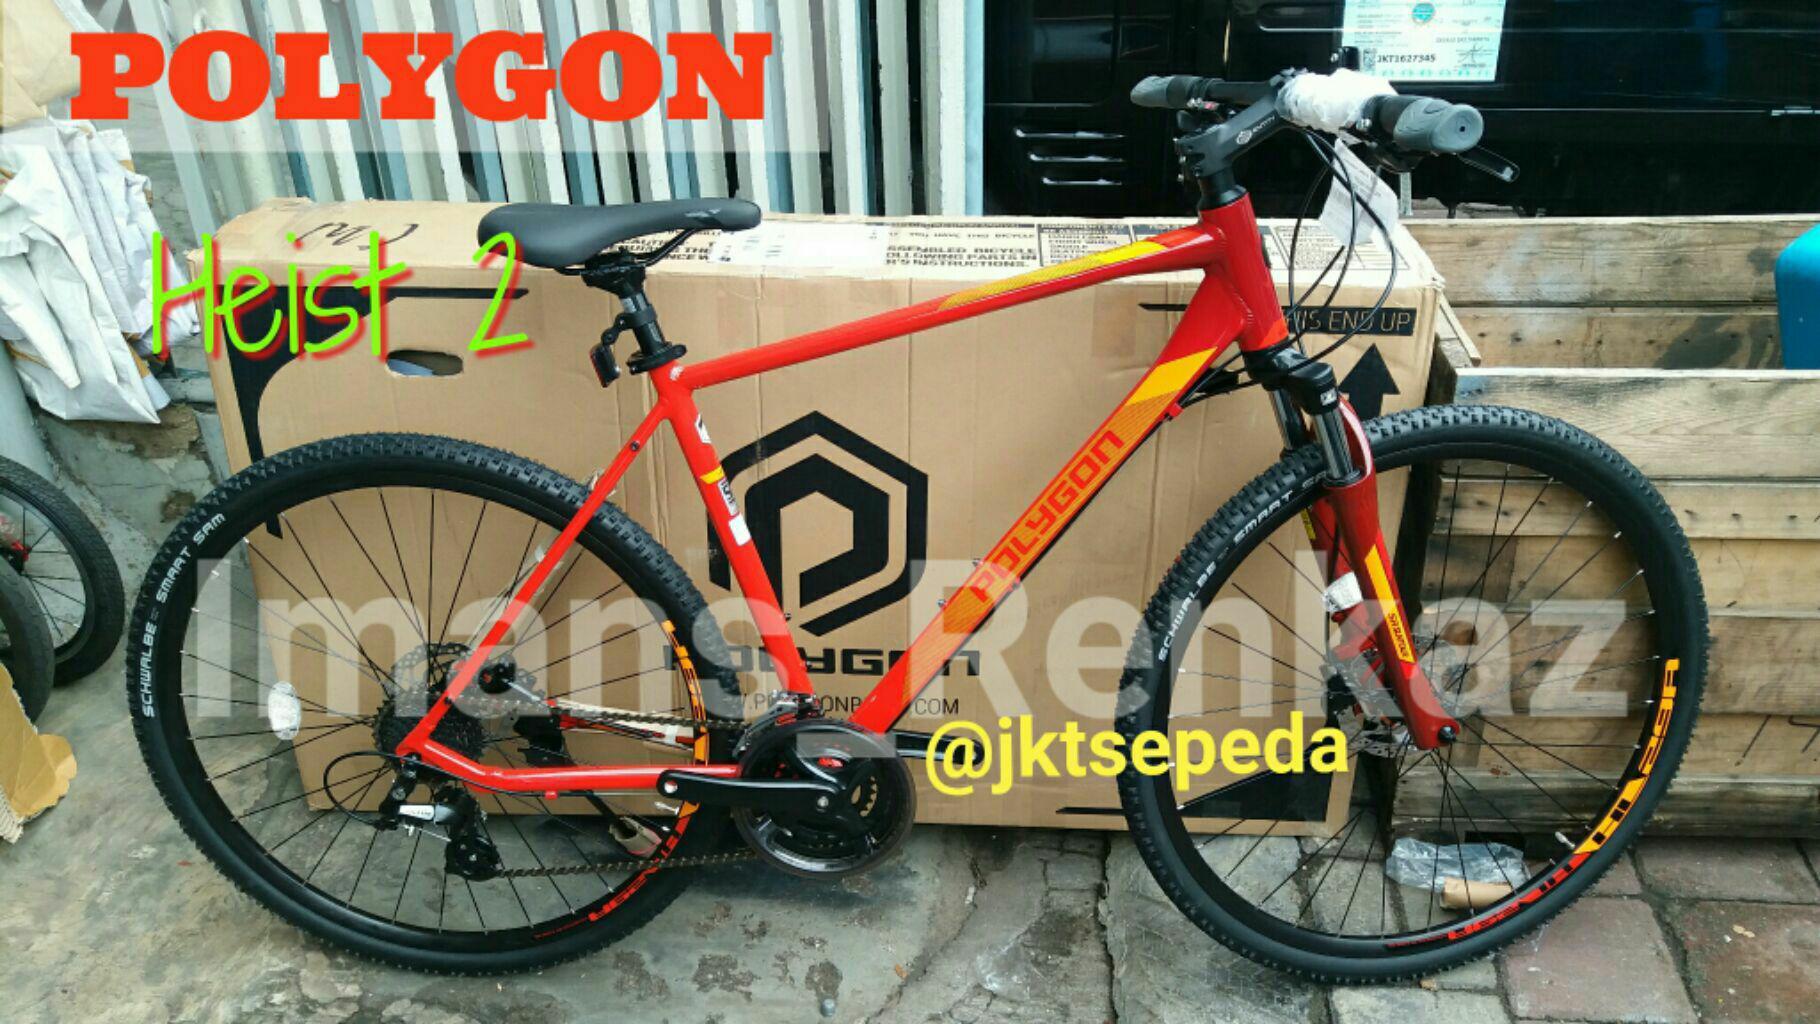 Sepeda Hybrid Polygon Heist 2.0